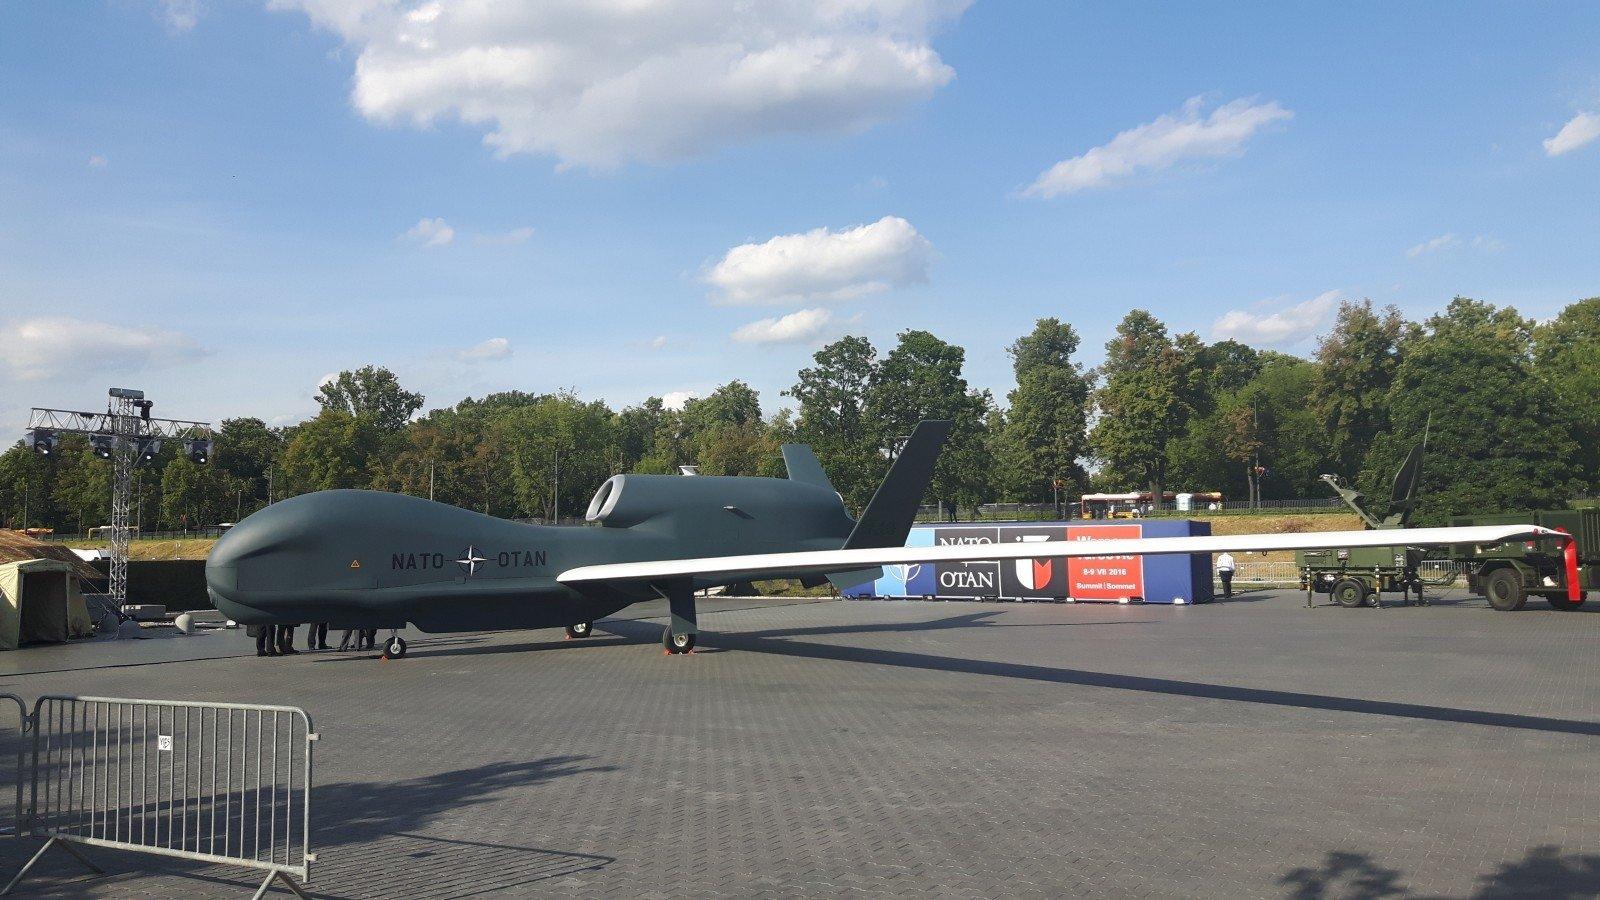 Германия возьмет на себя больше ответственности в усилении НАТО в Литве, - Меркель - Цензор.НЕТ 2187